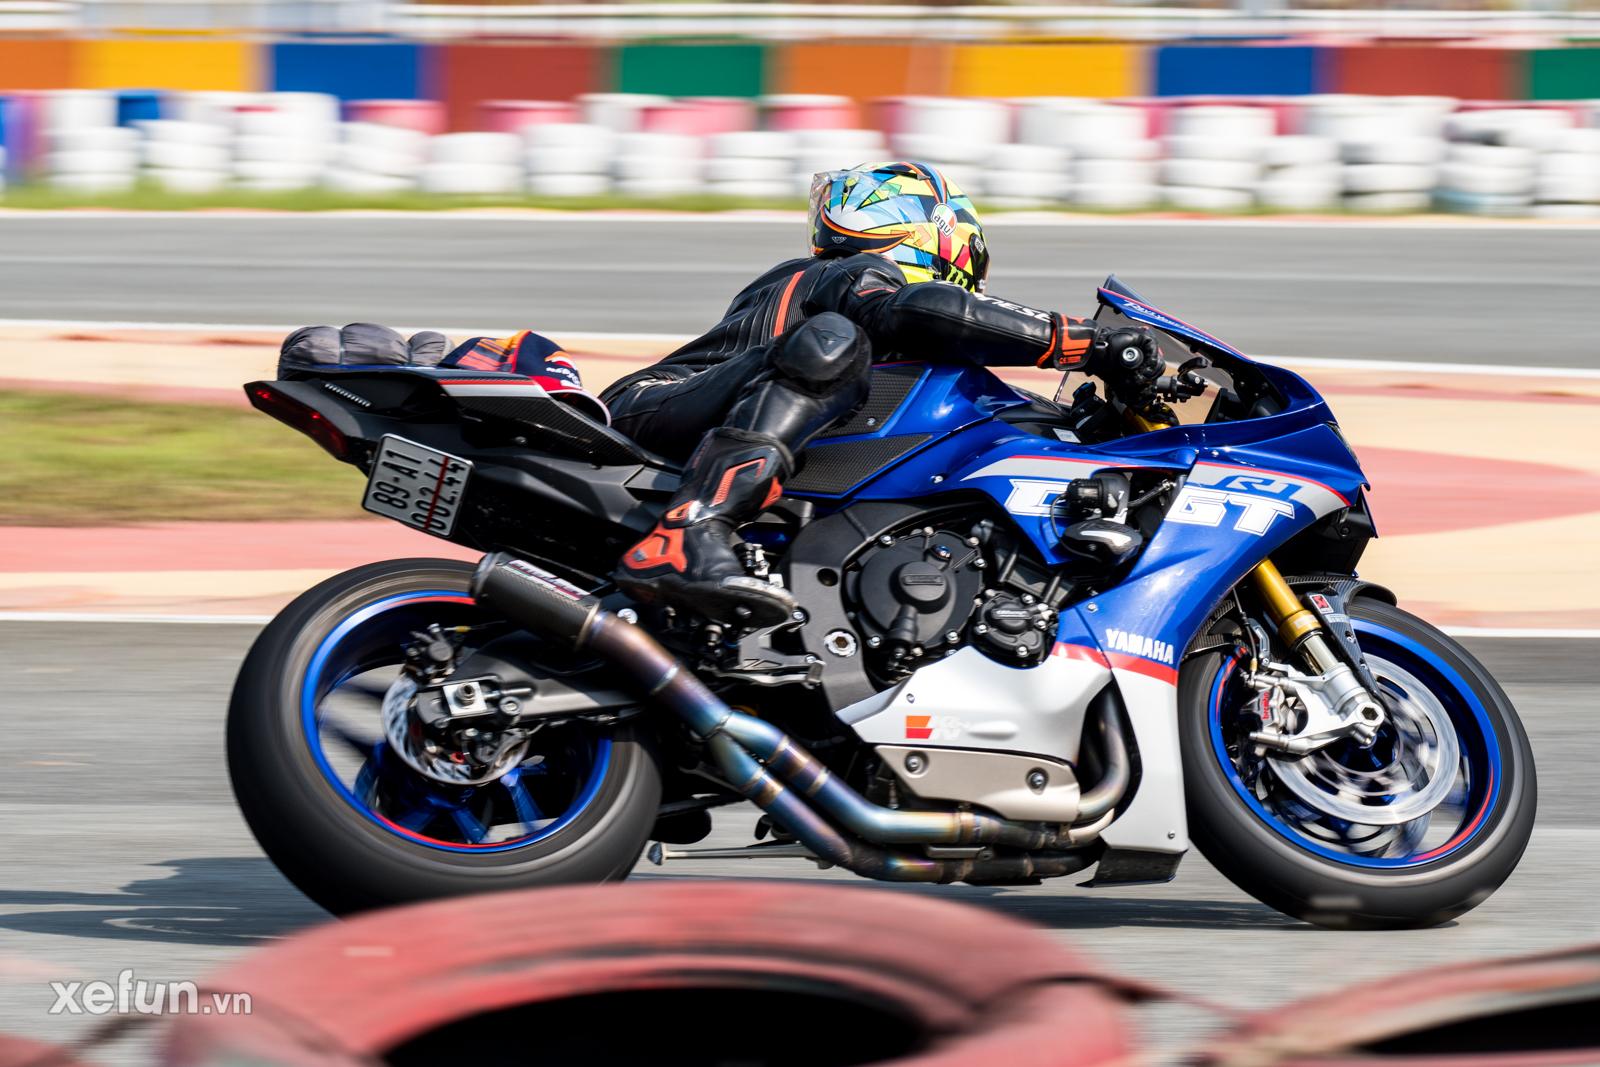 Các tay đua nài xe phân khối lớn PKL BMW S1000RR Ducati Monster Kawasaki Ninja ZX10R tại Trường đua Đại Nam trên Xefun (120)wete